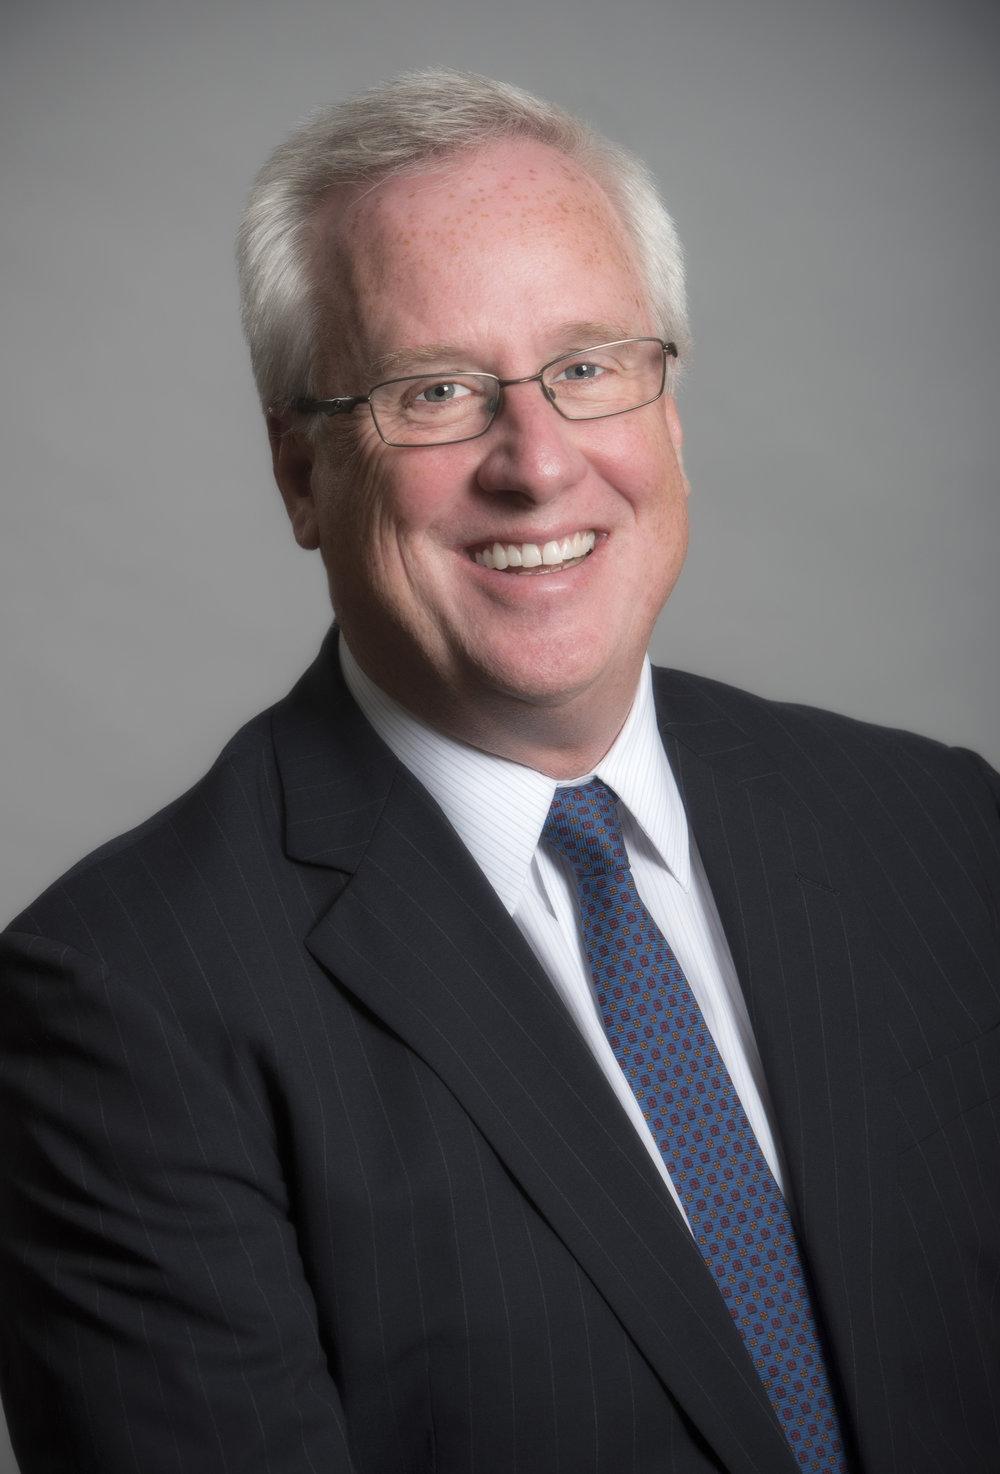 Bob Kennedy